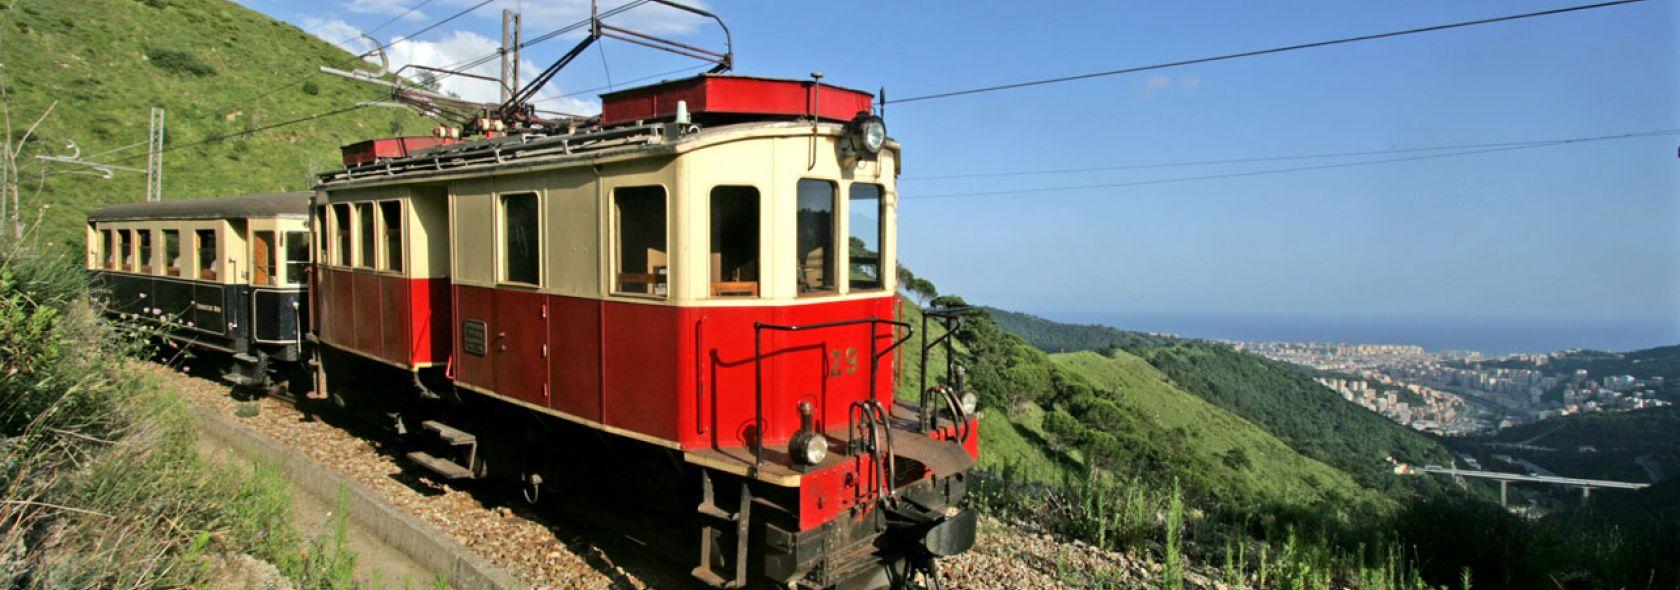 Il trenino di Casella - ©PGassani